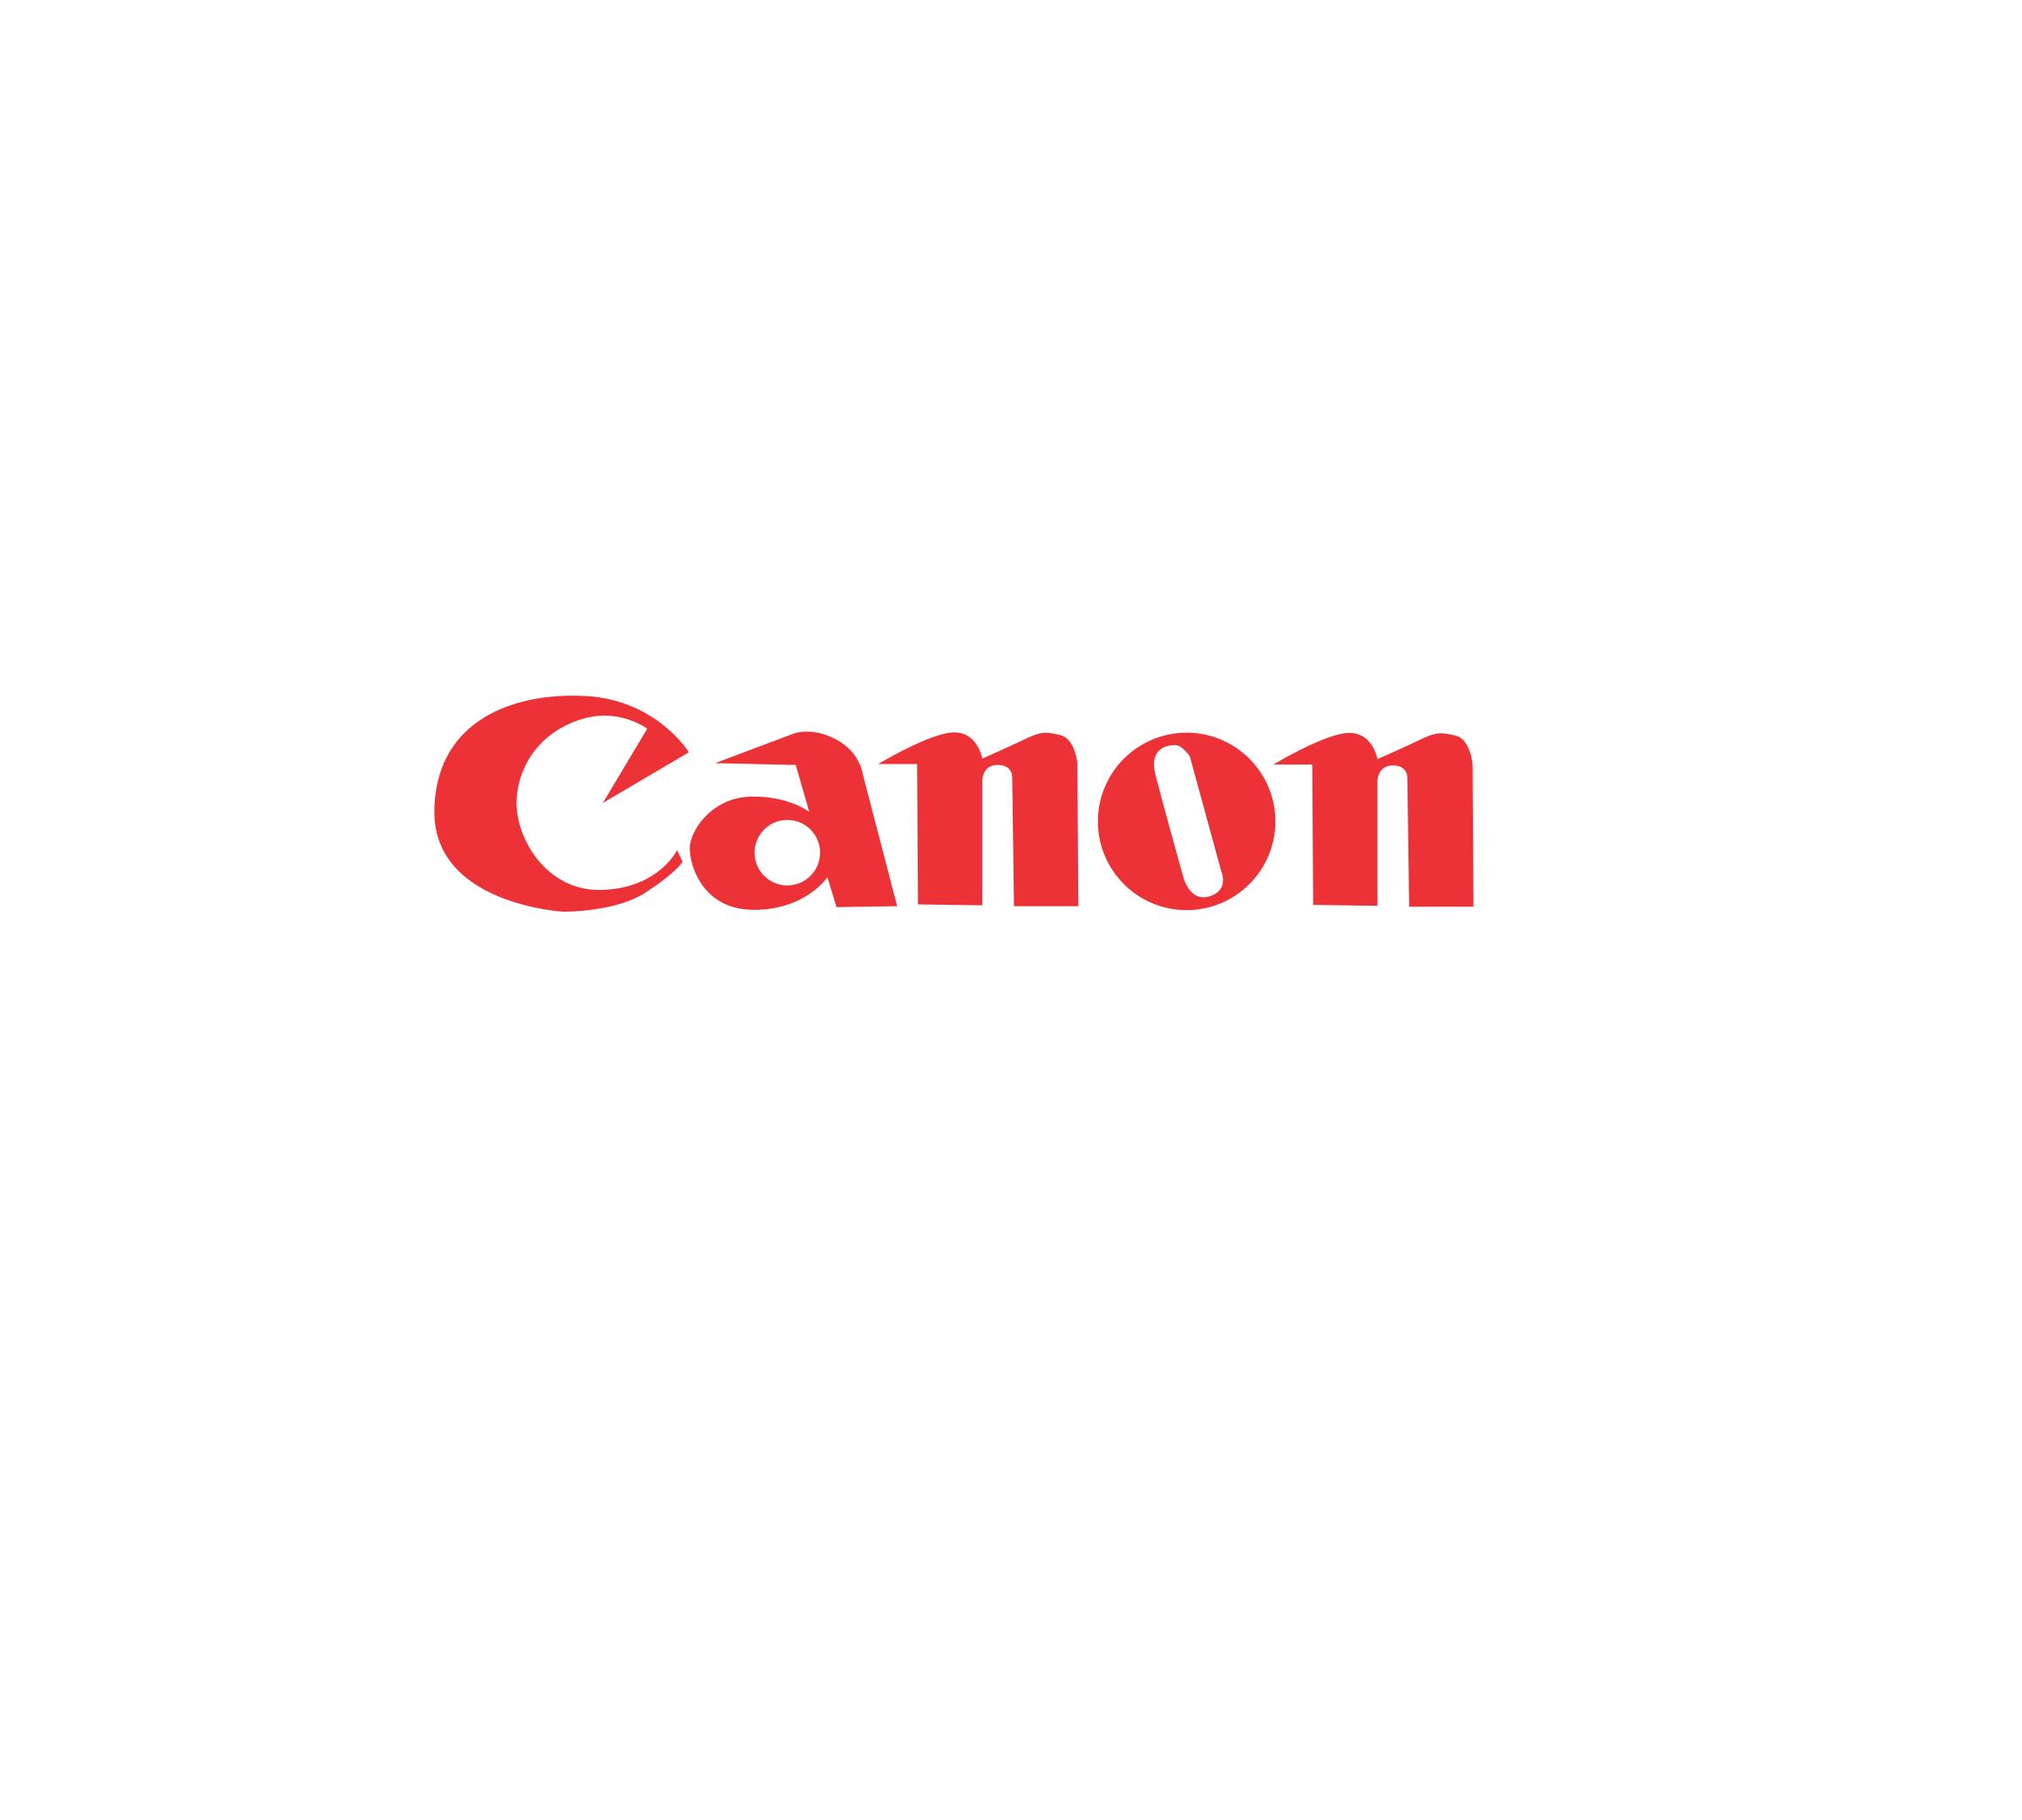 https://0201.nccdn.net/1_2/000/000/122/b01/Canon-miniature-2320x2088.png